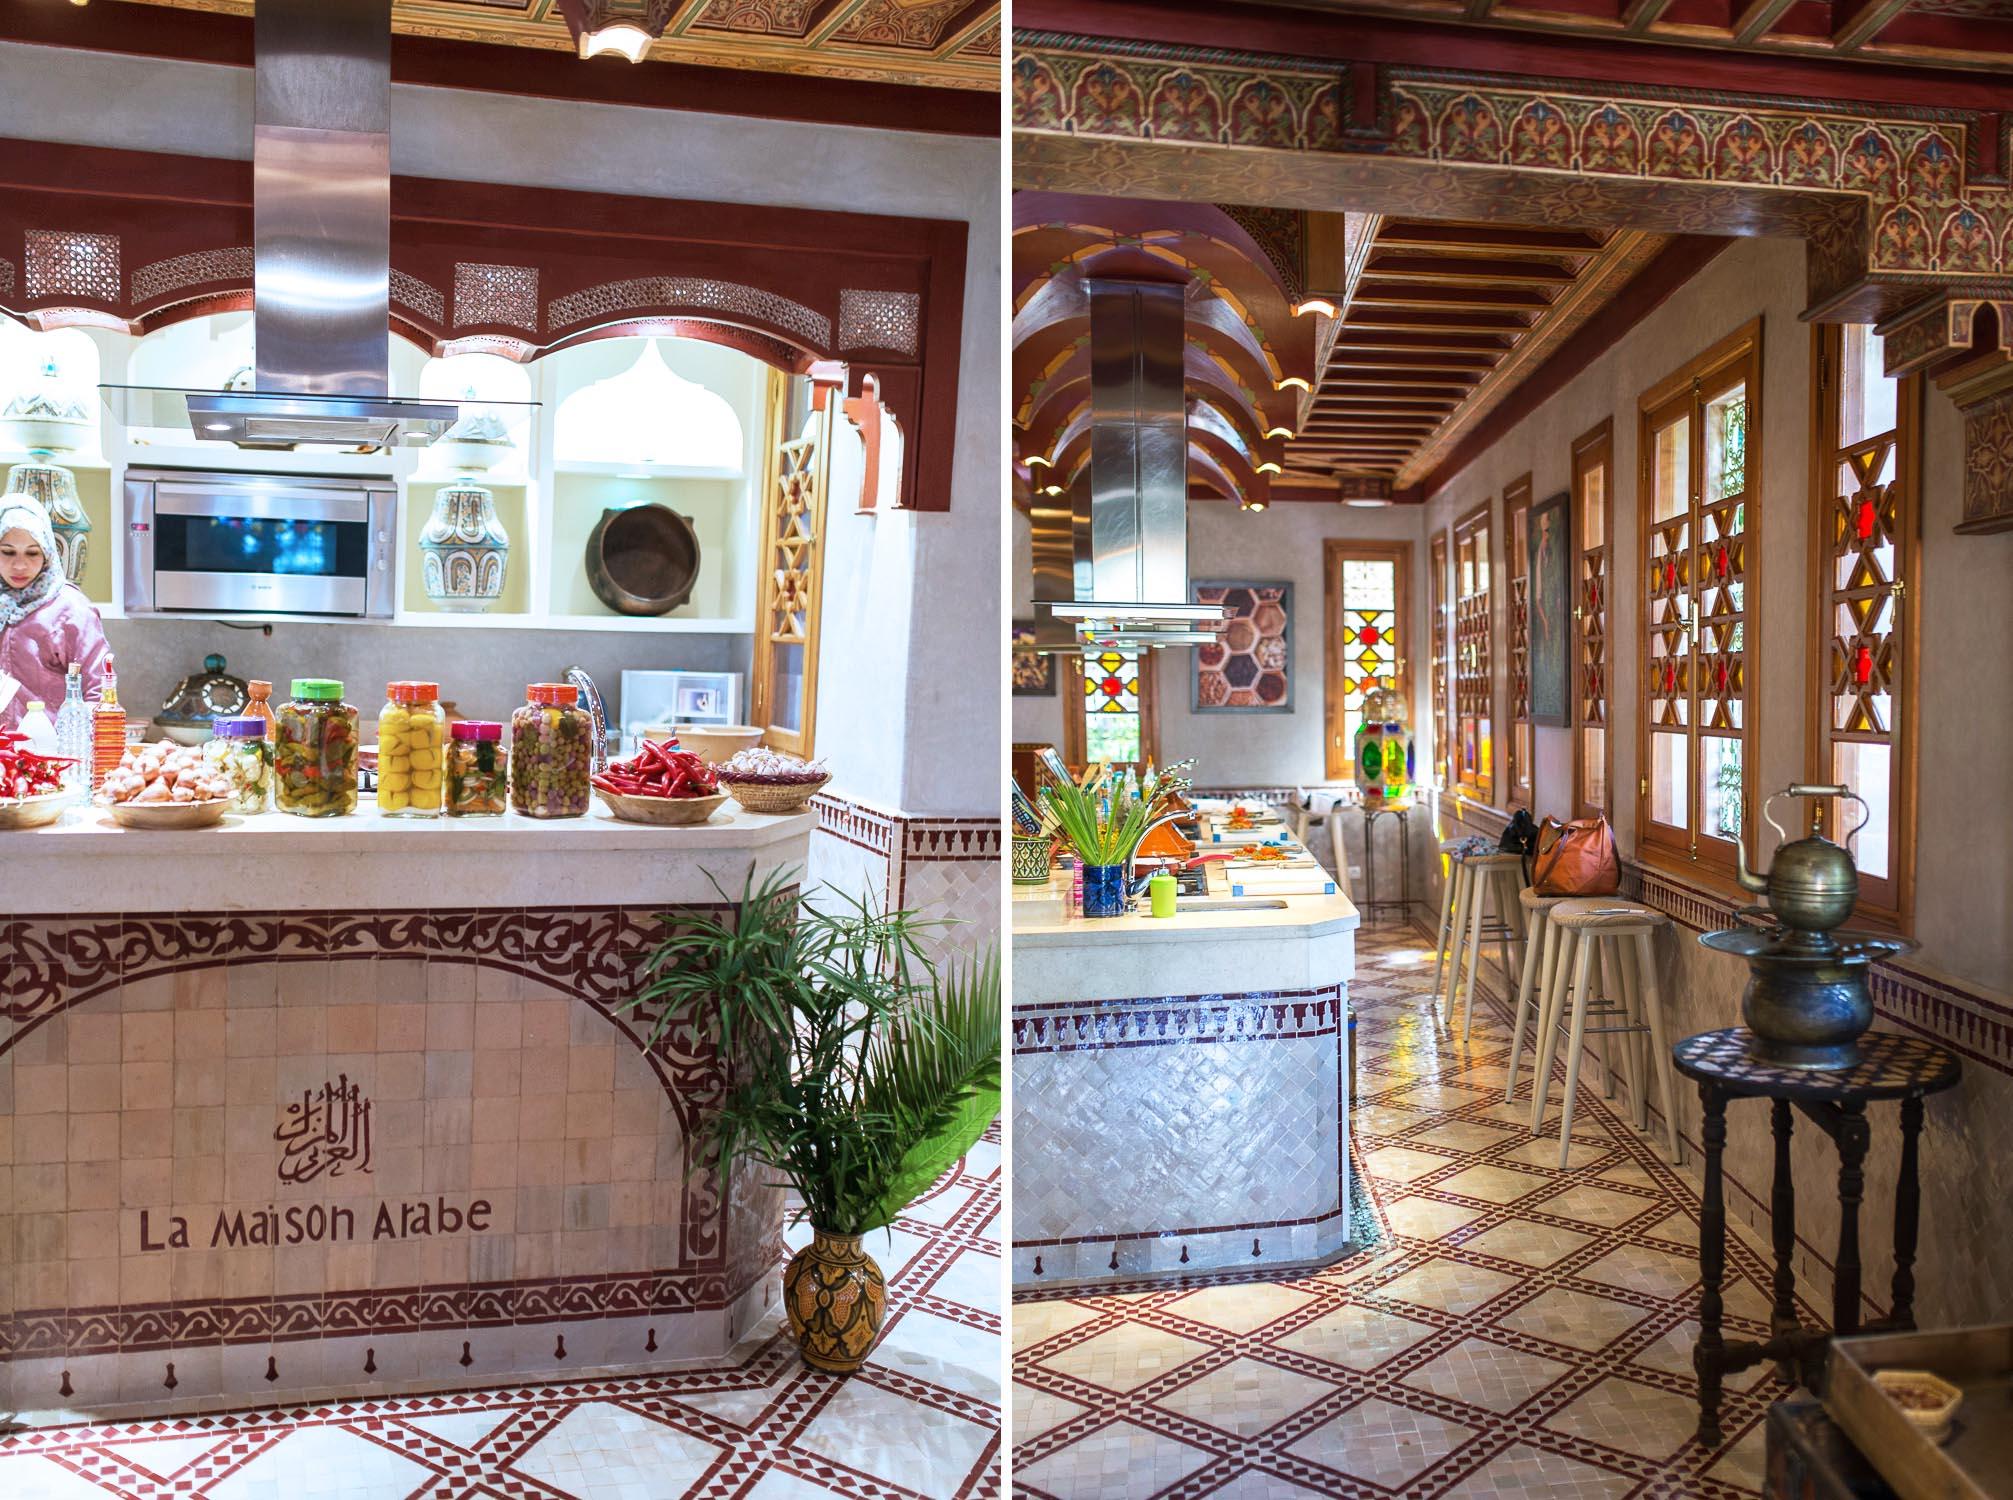 Moroccan cooking workshop at la maison arabe marrakech for A la maison en arabe